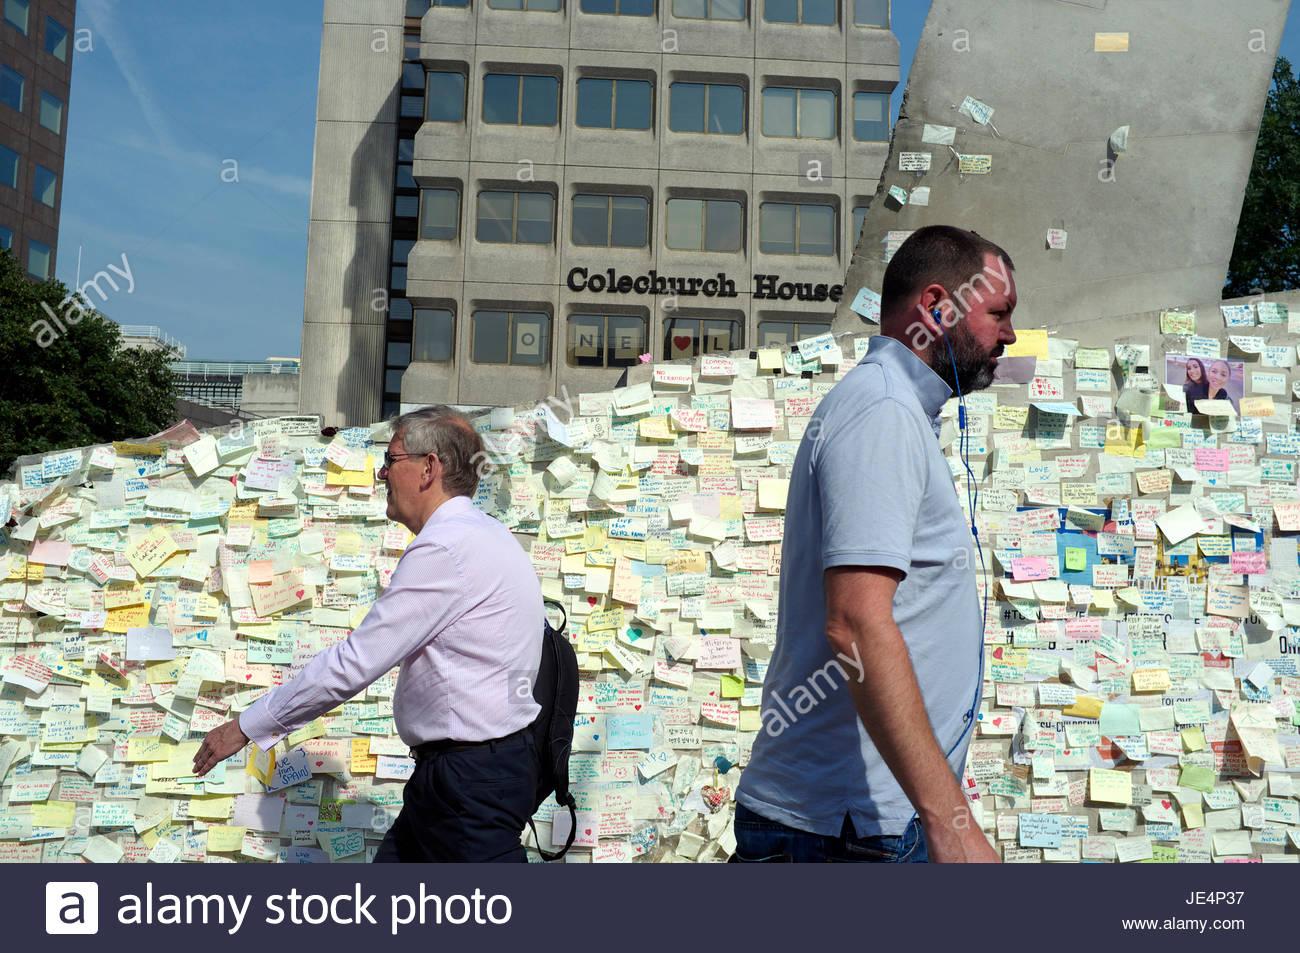 Notes papier mural offrir mes condoléances et ma sympathie à London Bridge, en réponse à celle Photo Stock